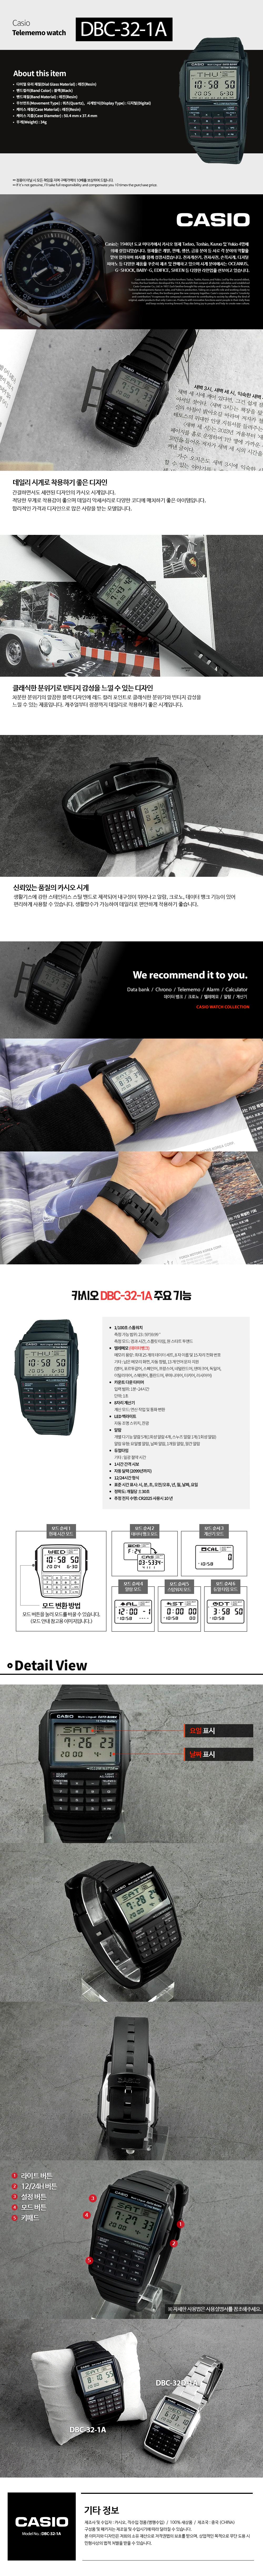 카시오(CASIO) DBC-32-1A 남성 우레탄밴드 데이터뱅크 손목시계